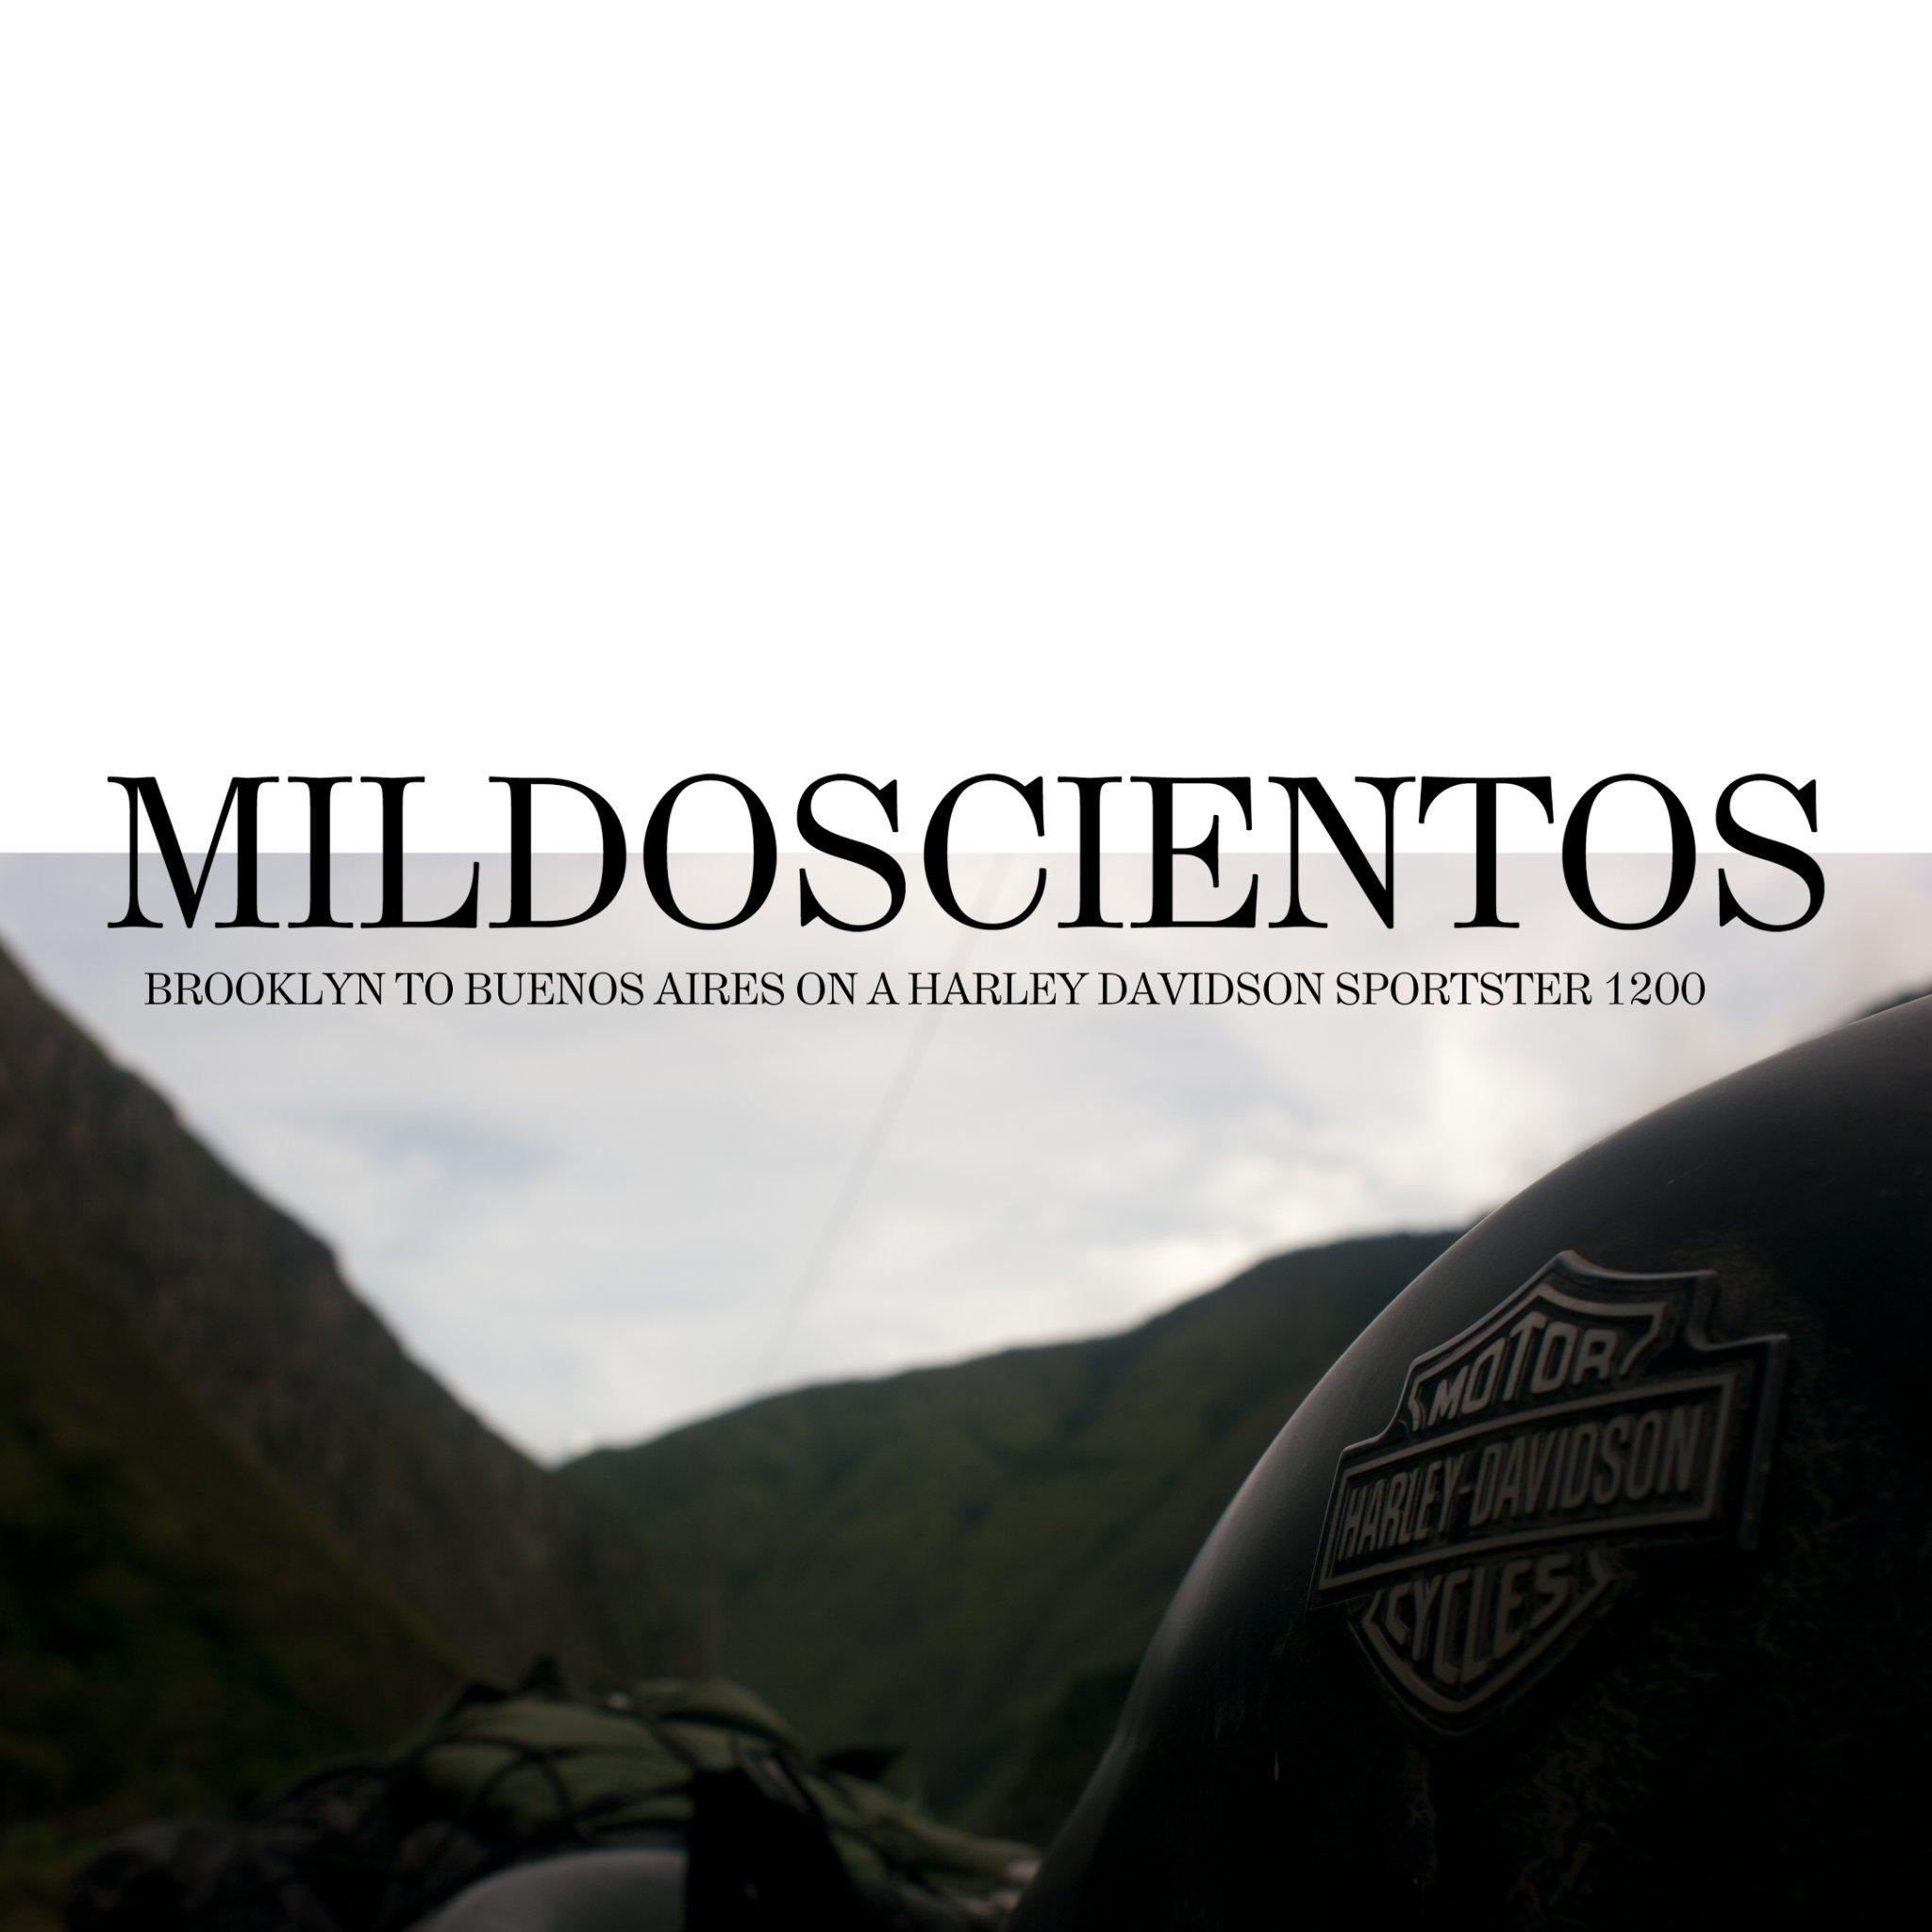 Avatar of Mildoscientos